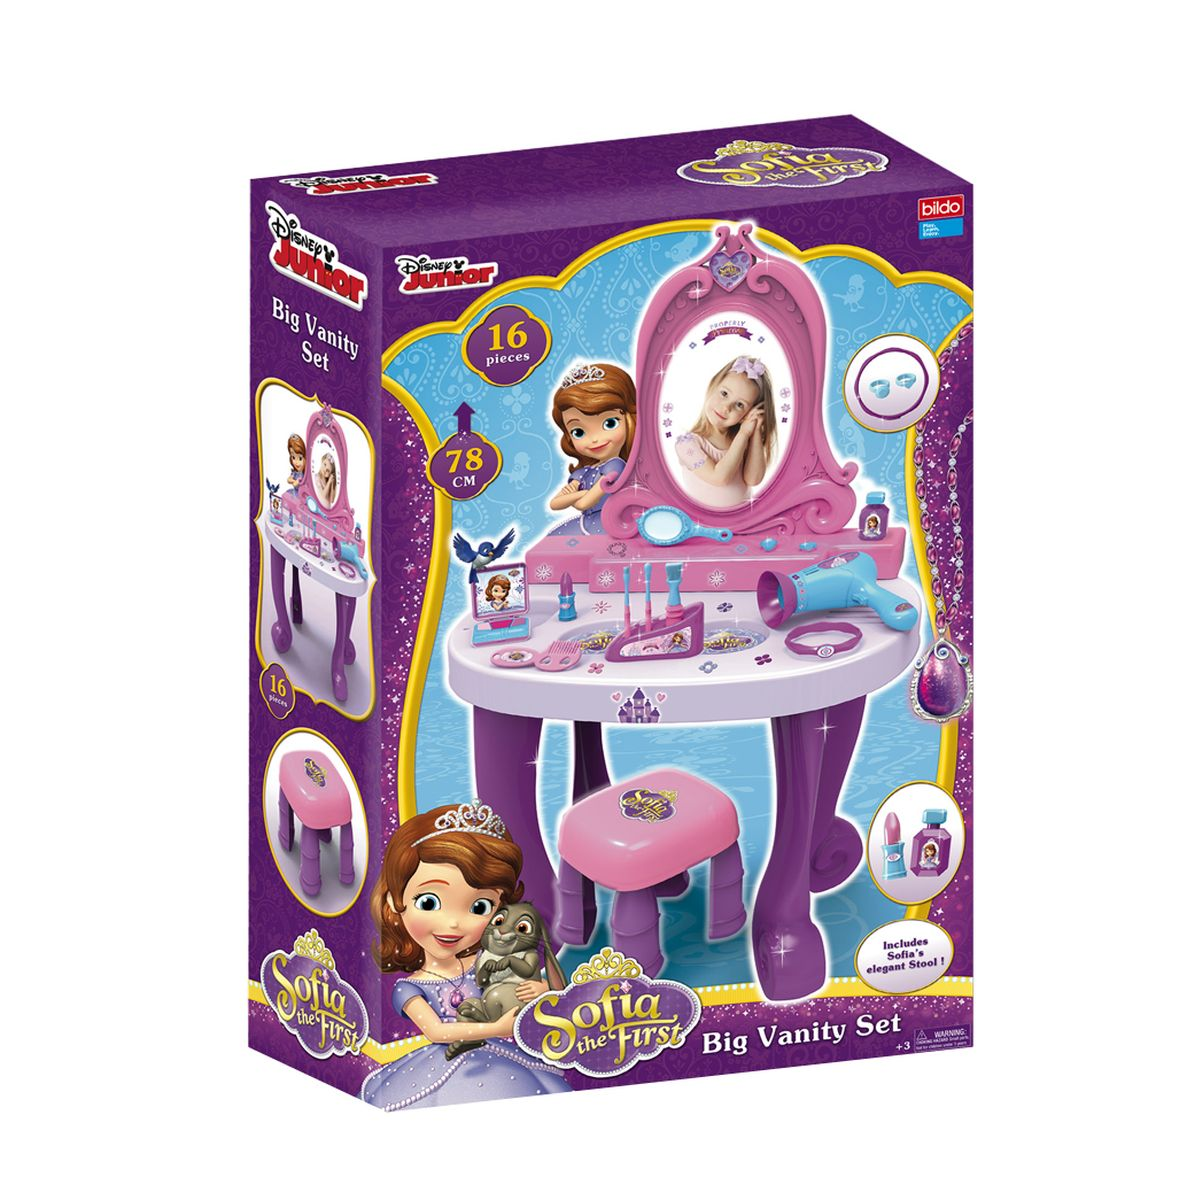 Bildo Игровой набор Парикмахерская Принцесса София 16 предметов - Сюжетно-ролевые игрушки